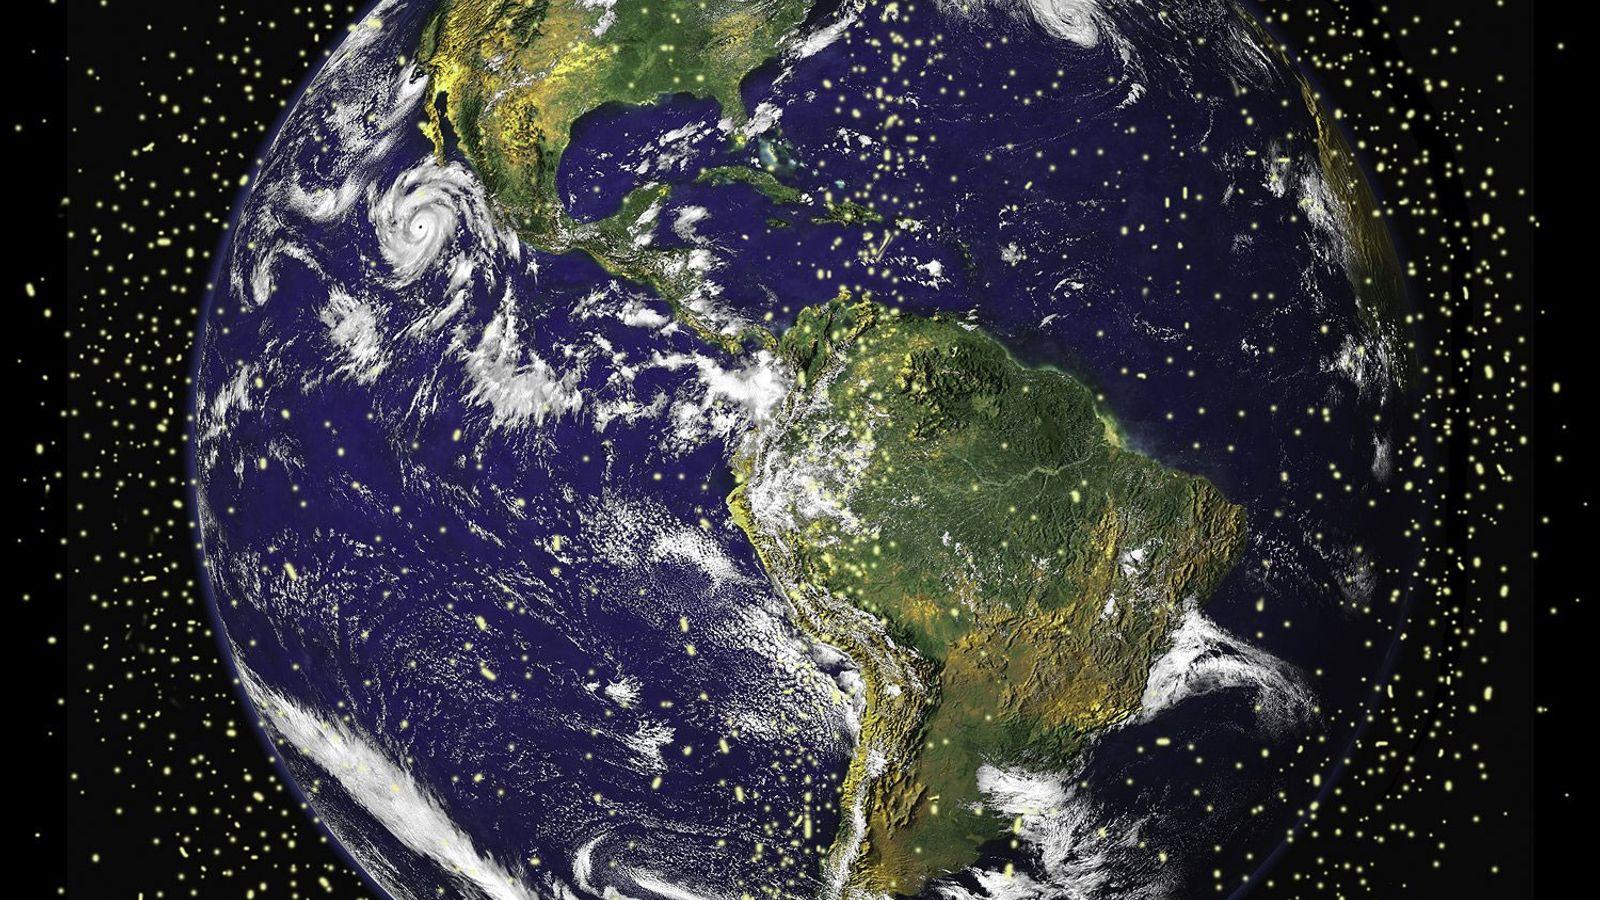 Environ 29 000 objets fabriqués par l'Homme dont la taille dépasse 10 centimètres orbiteraient autour de notre planète.